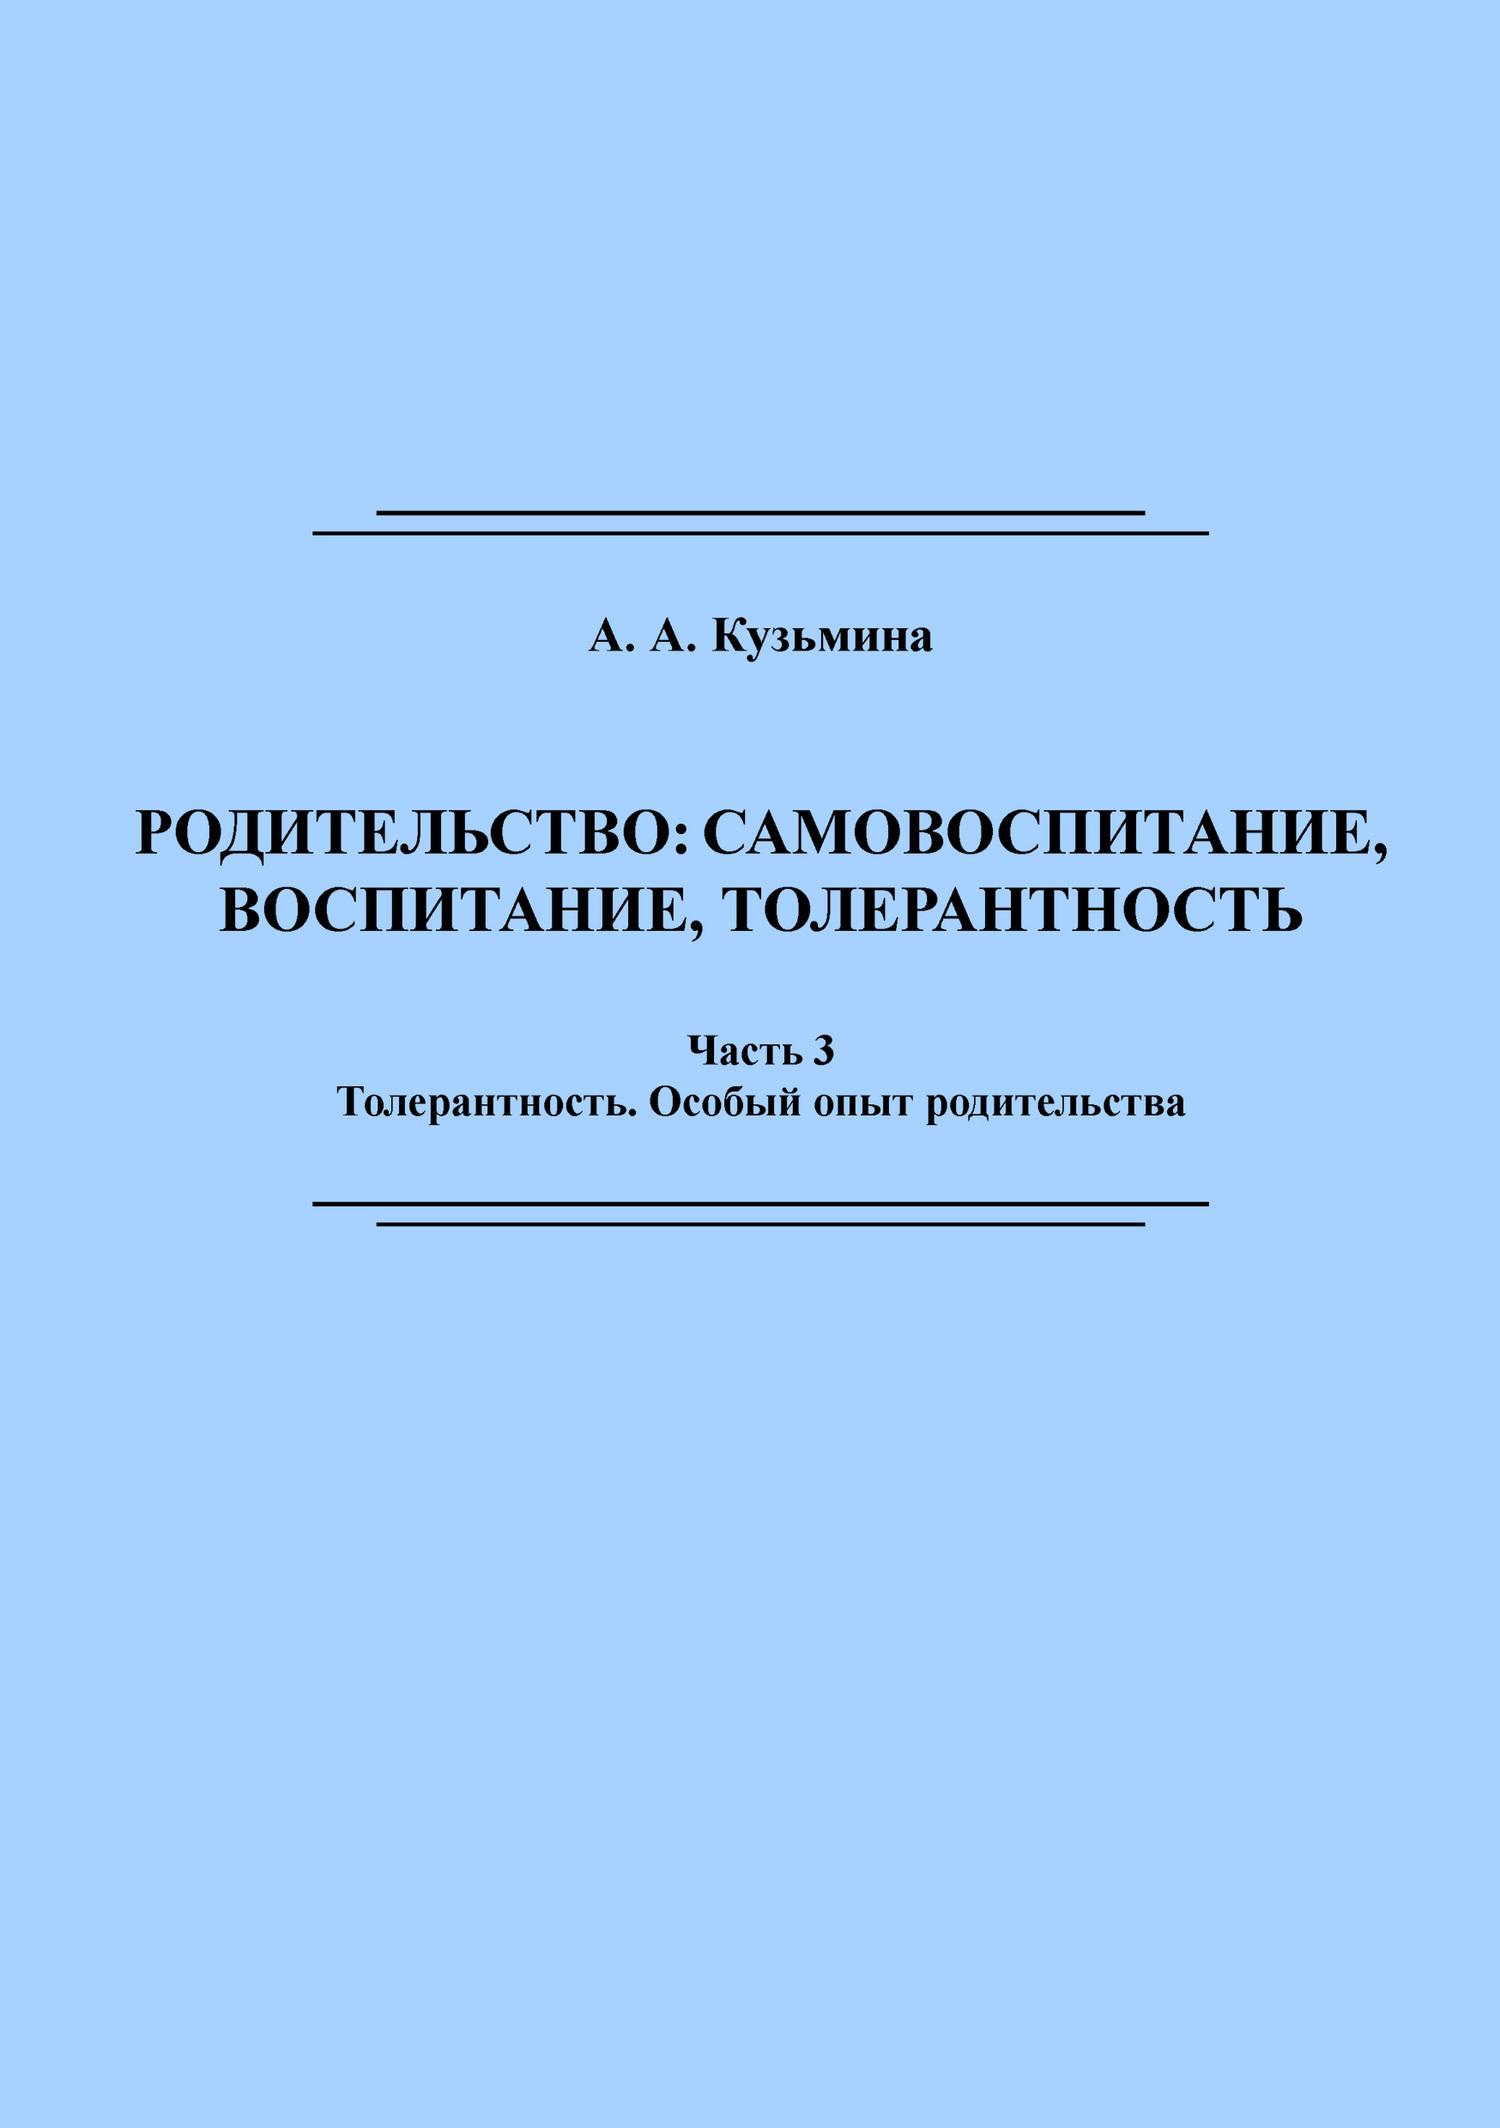 Ася Кузьмина - Родительство: самовоспитание, воспитание, толерантность. Часть 3